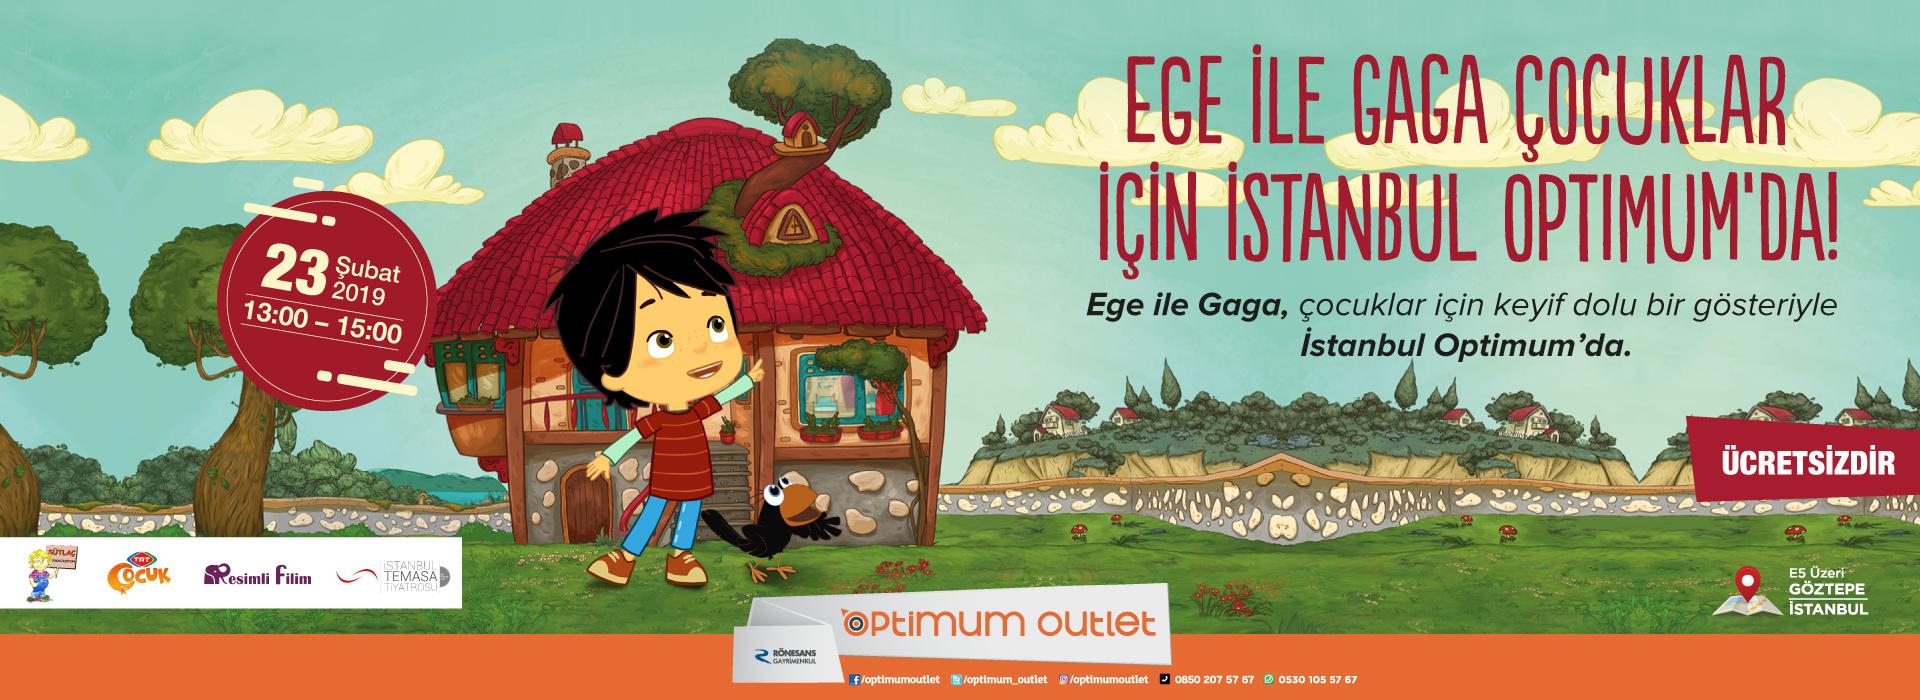 Ege ile Gaga Çocuklar İçin İstanbul Optimum'da!